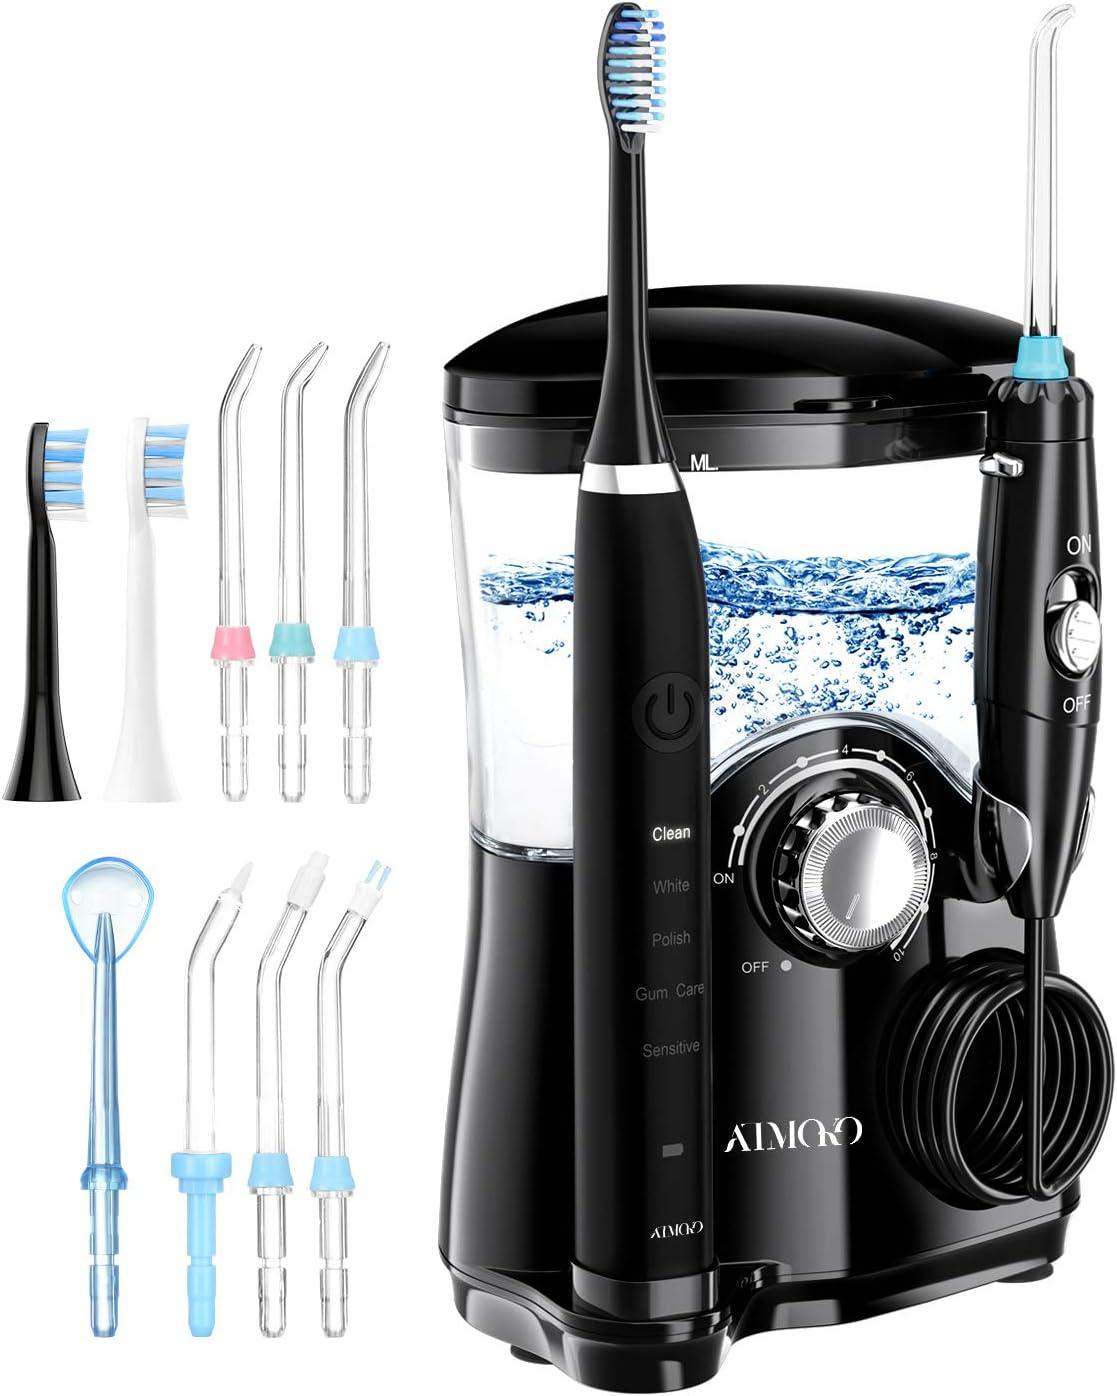 ATMOKO 2 en 1 Irrigador Dental Profesional y Cepillo electrico para Dientes, 7 Boquillas, 5 Modos con Capacidad de 600ml por 21 Días de Autonomía, 10 Ajustes de Presión del Agua, IPX7